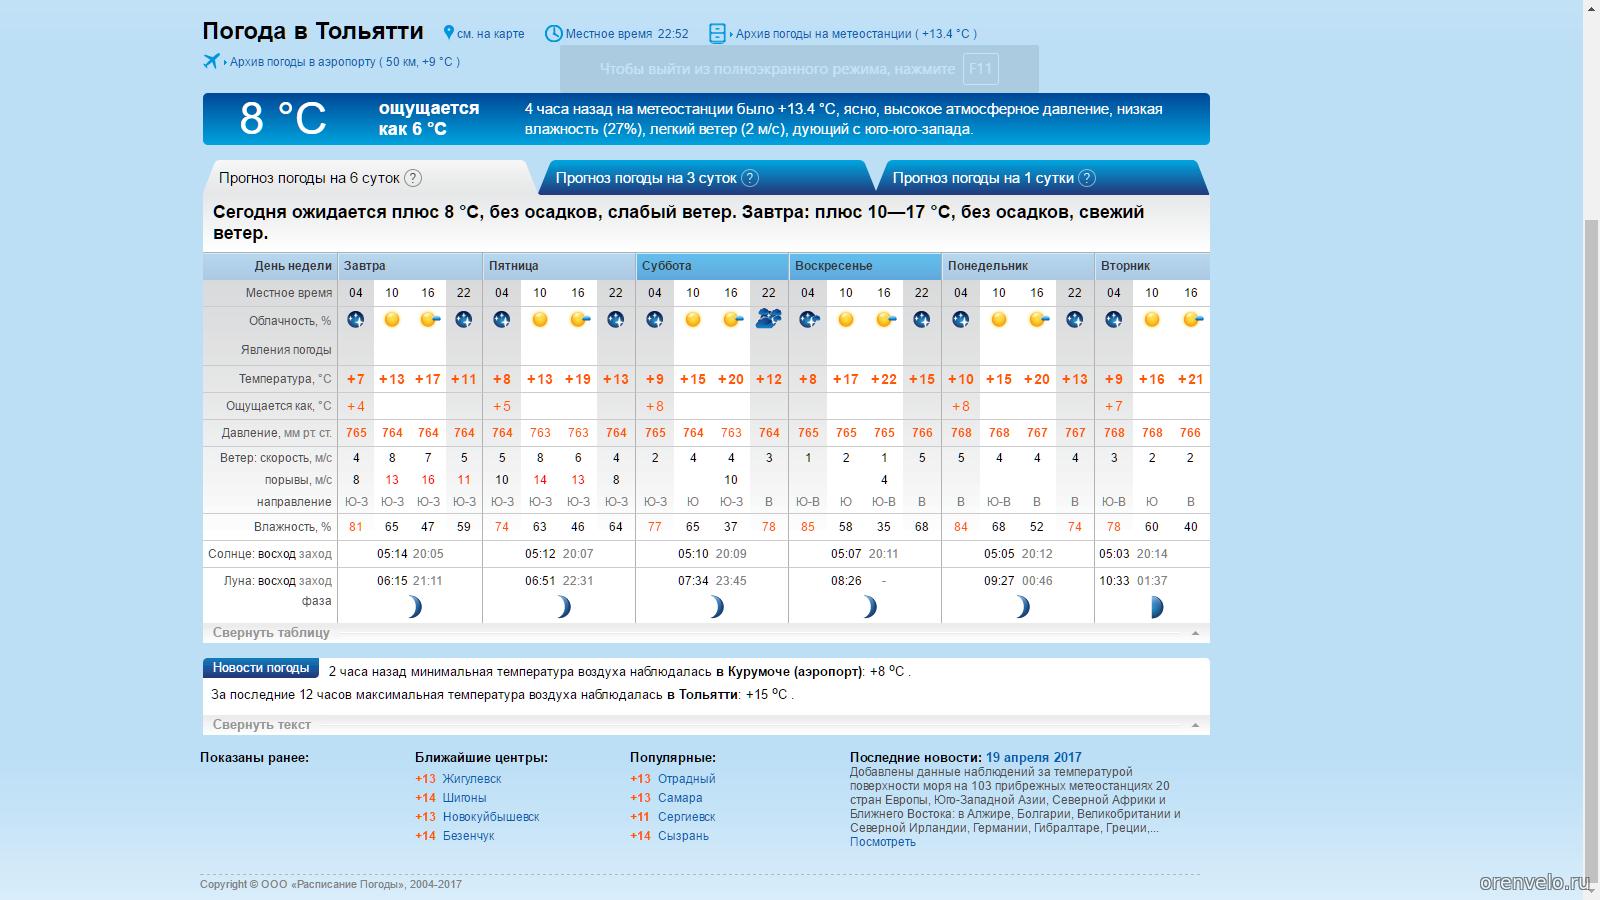 Погода в тольятти на 14 дней 2015 год